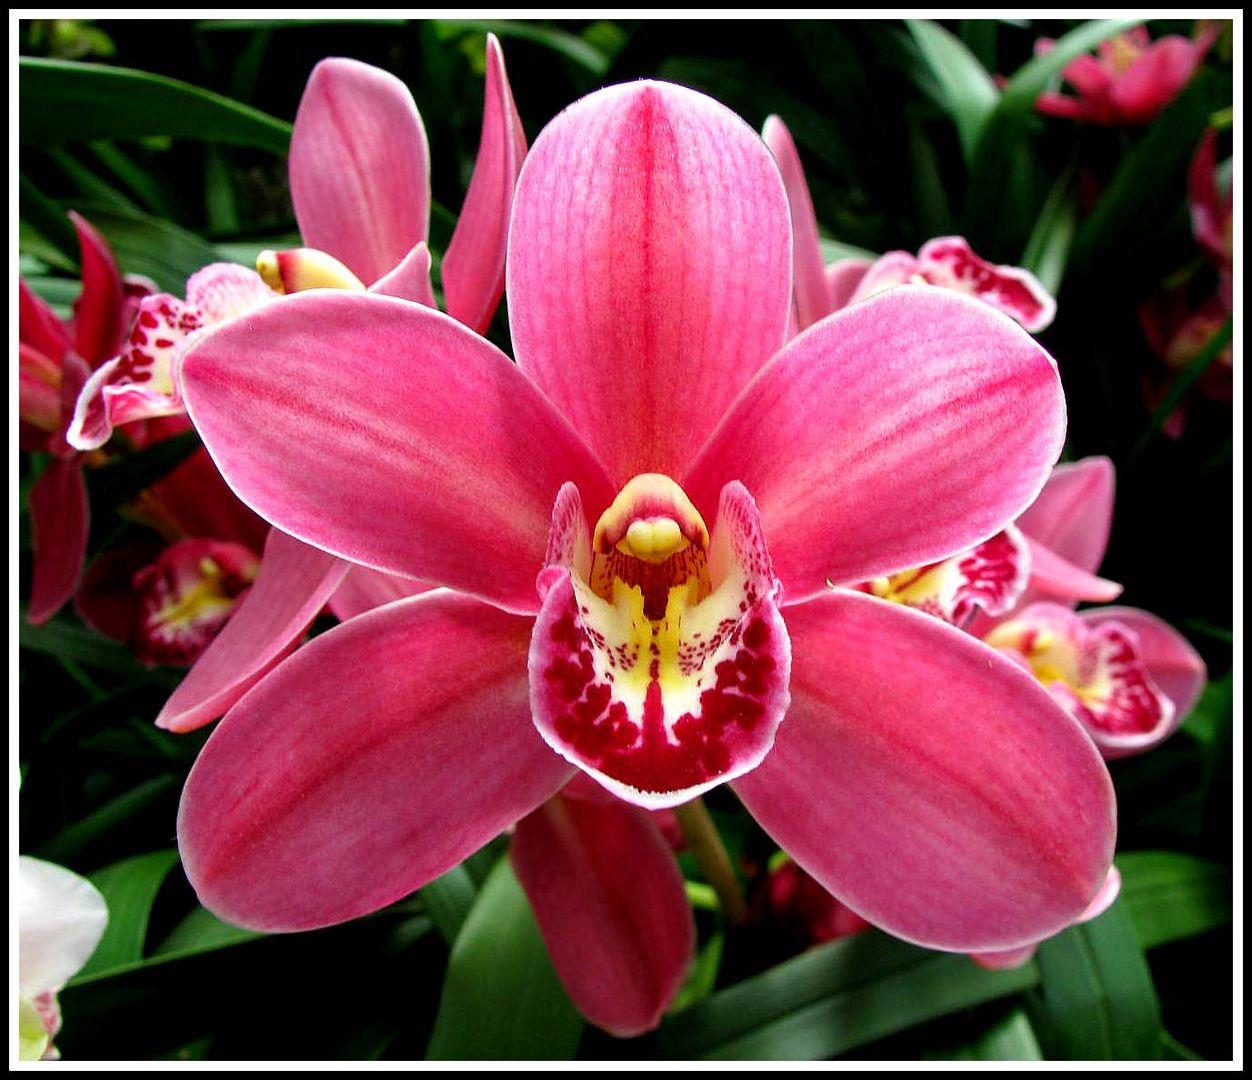 was die sonne f r die blumen ist foto bild spezial blumen orchidee bilder auf fotocommunity. Black Bedroom Furniture Sets. Home Design Ideas